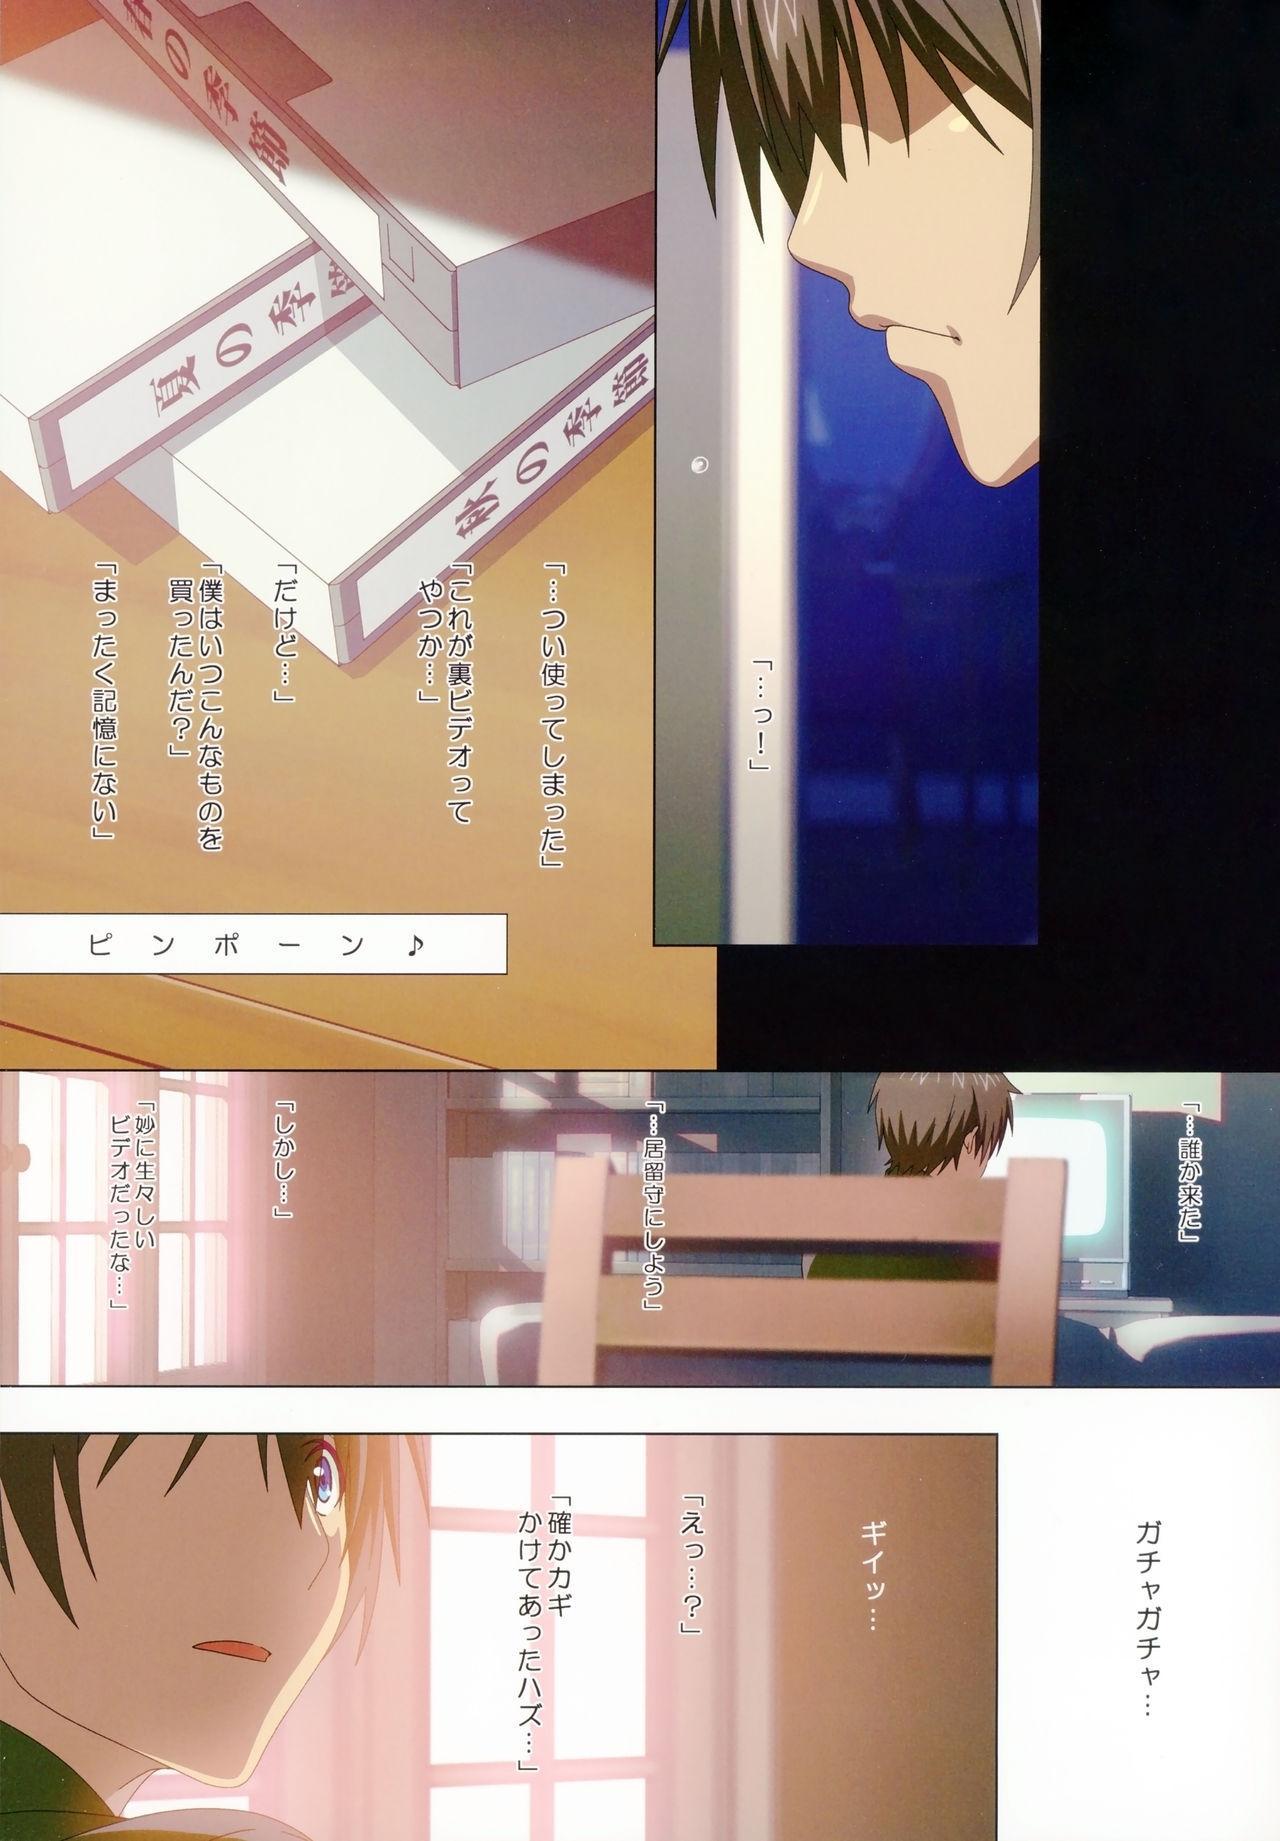 (C93) [Makino Jimusho (Taki Minashika)] SISTERS ~Kakusareta Kioku~ ACT .8 HIDDEN CHARACTERS (SISTERS -Natsu no Saigo no Hi-) 12